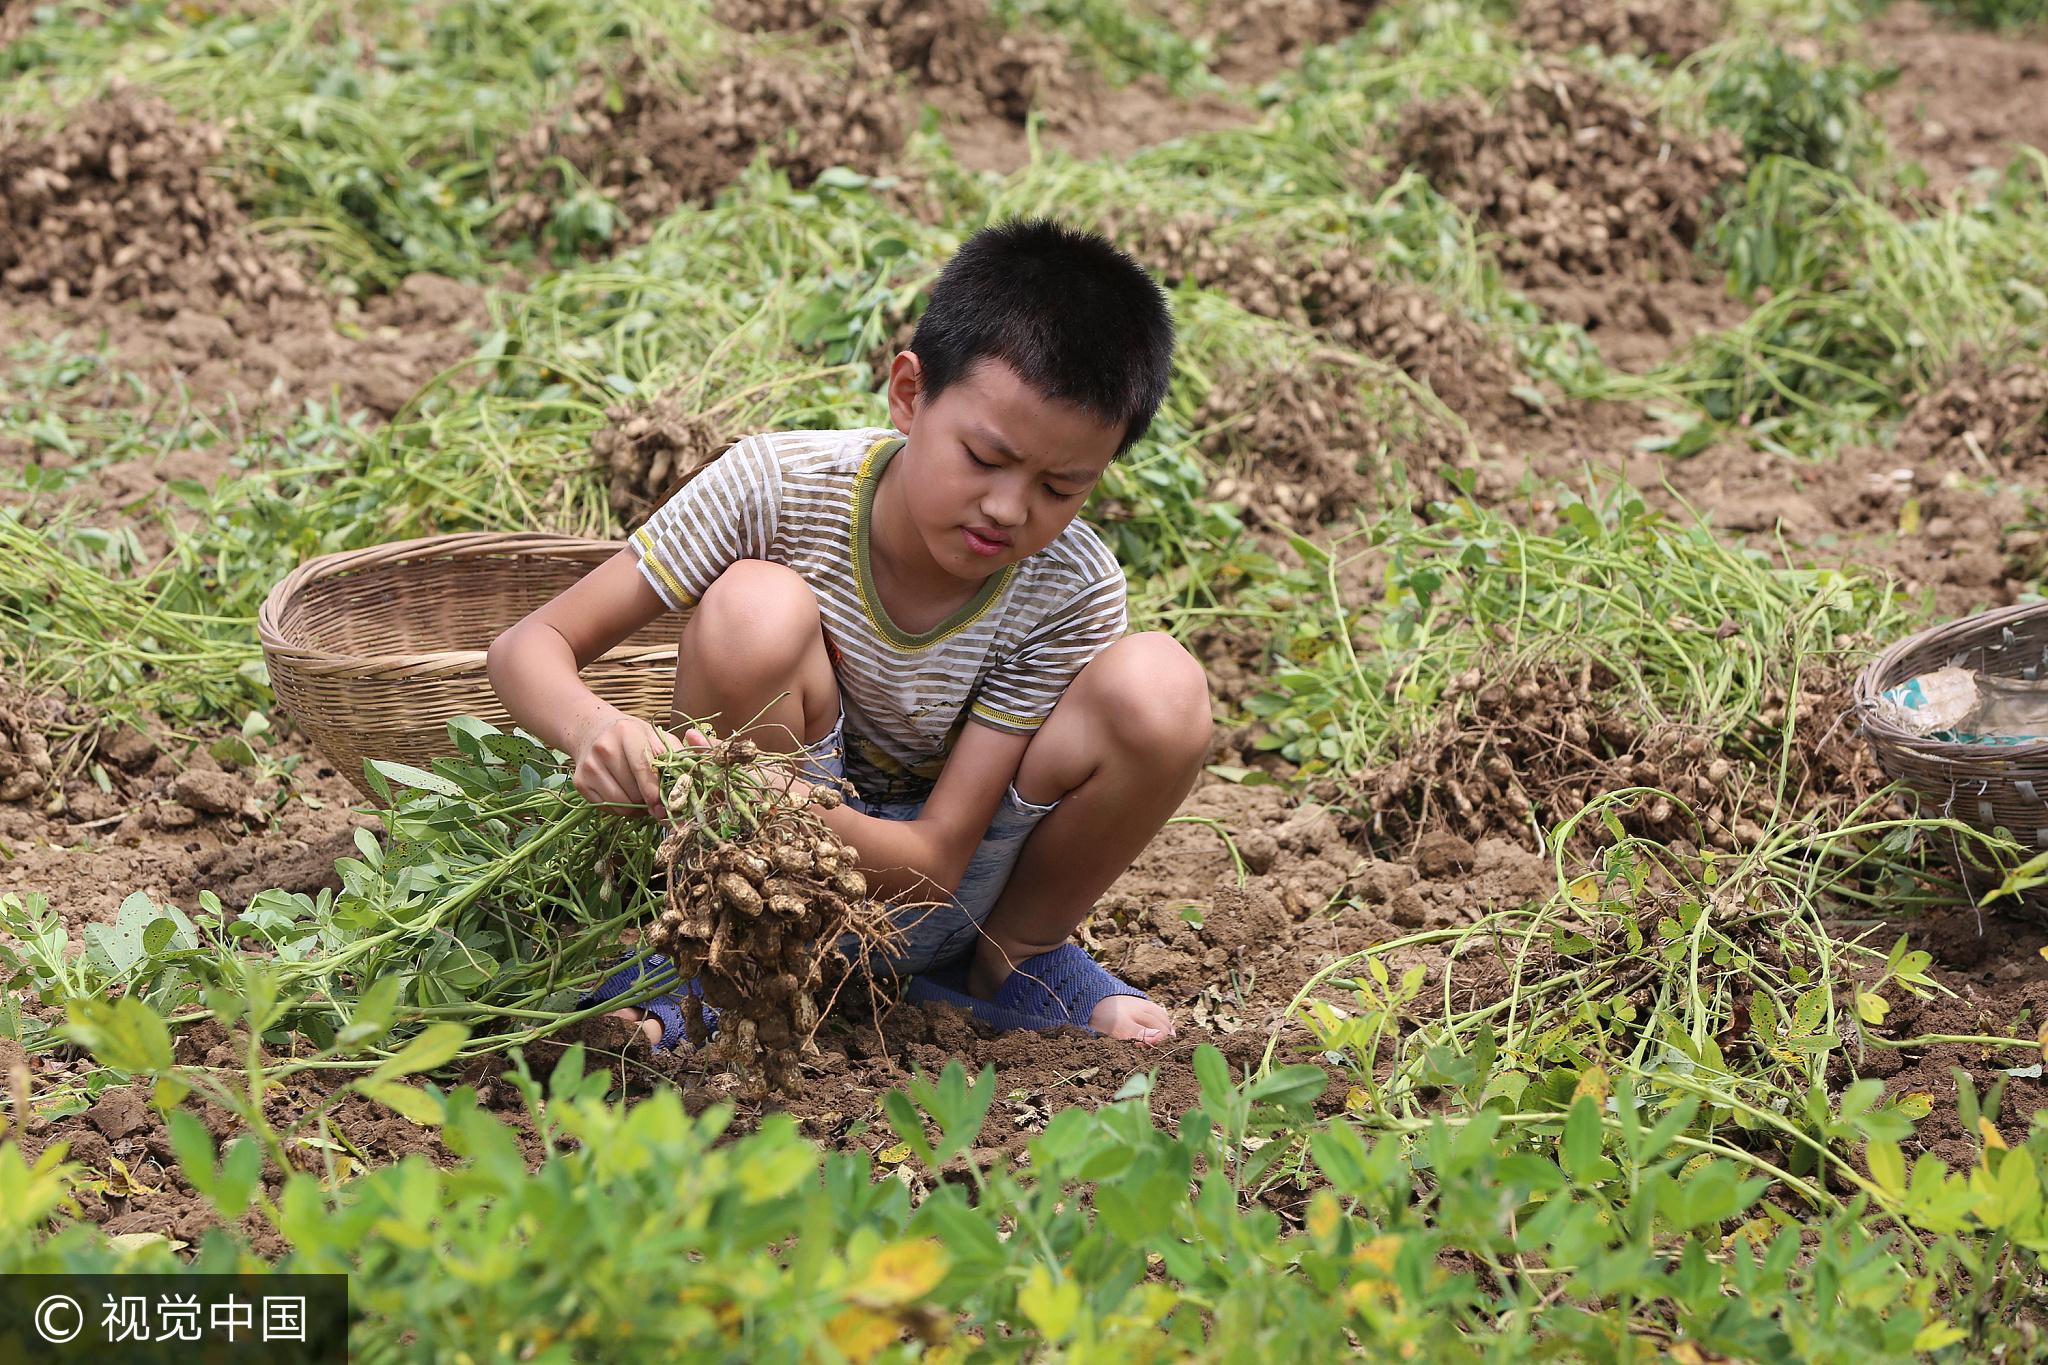 泪奔!父母重病 10岁男孩祈求留一个行吗 - 周公乐 - xinhua8848 的博客